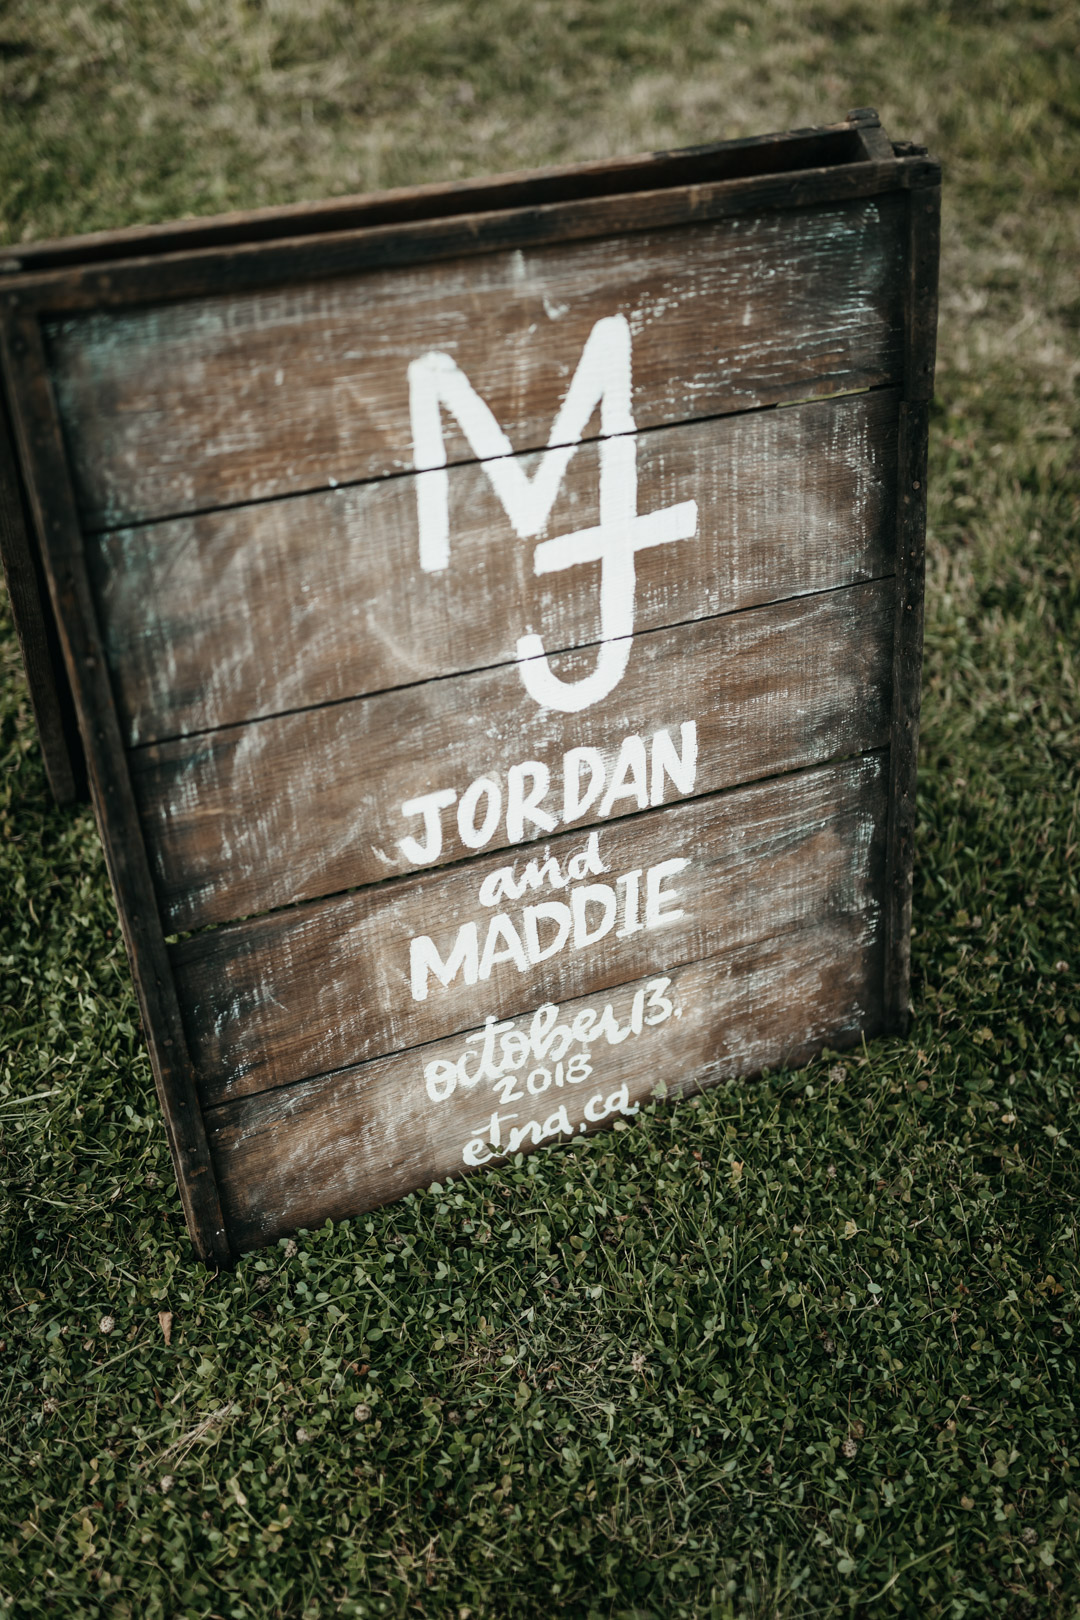 Maddie_Jordan1738.jpg